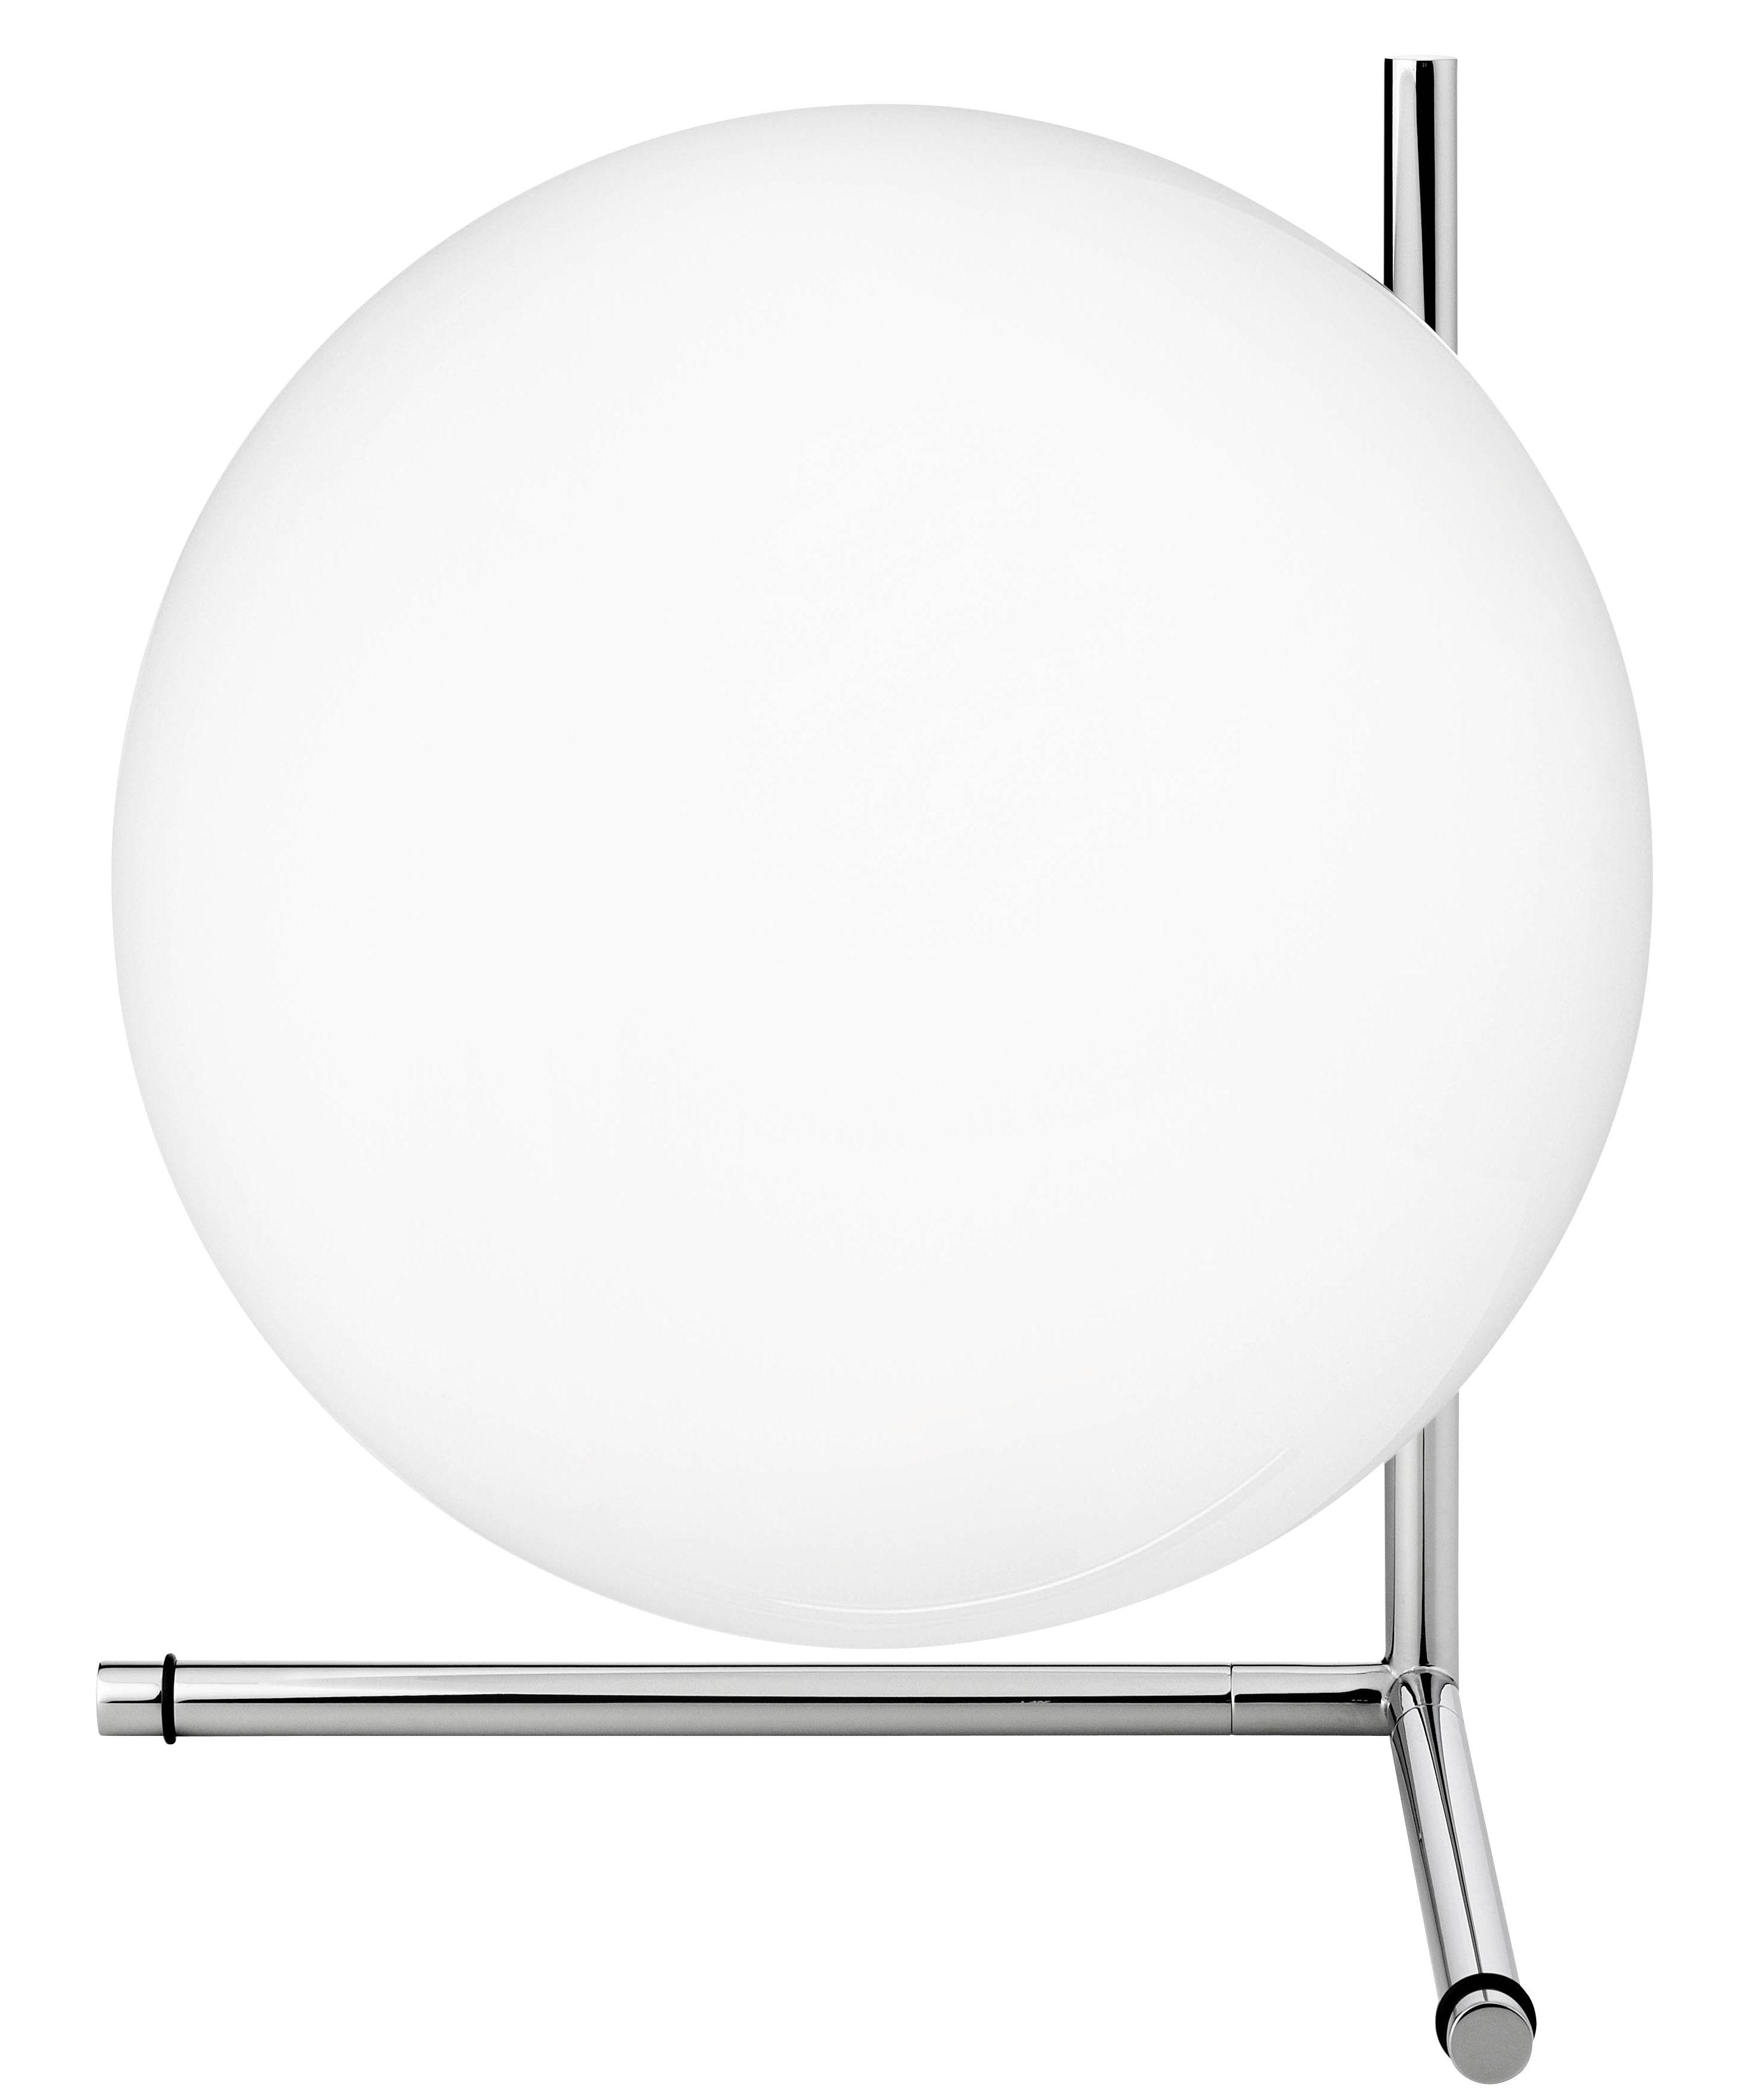 Luminaire - Lampes de table - Lampe de table IC T2 / H 35 cm - Flos - Chromé - Acier chromé, Verre soufflé